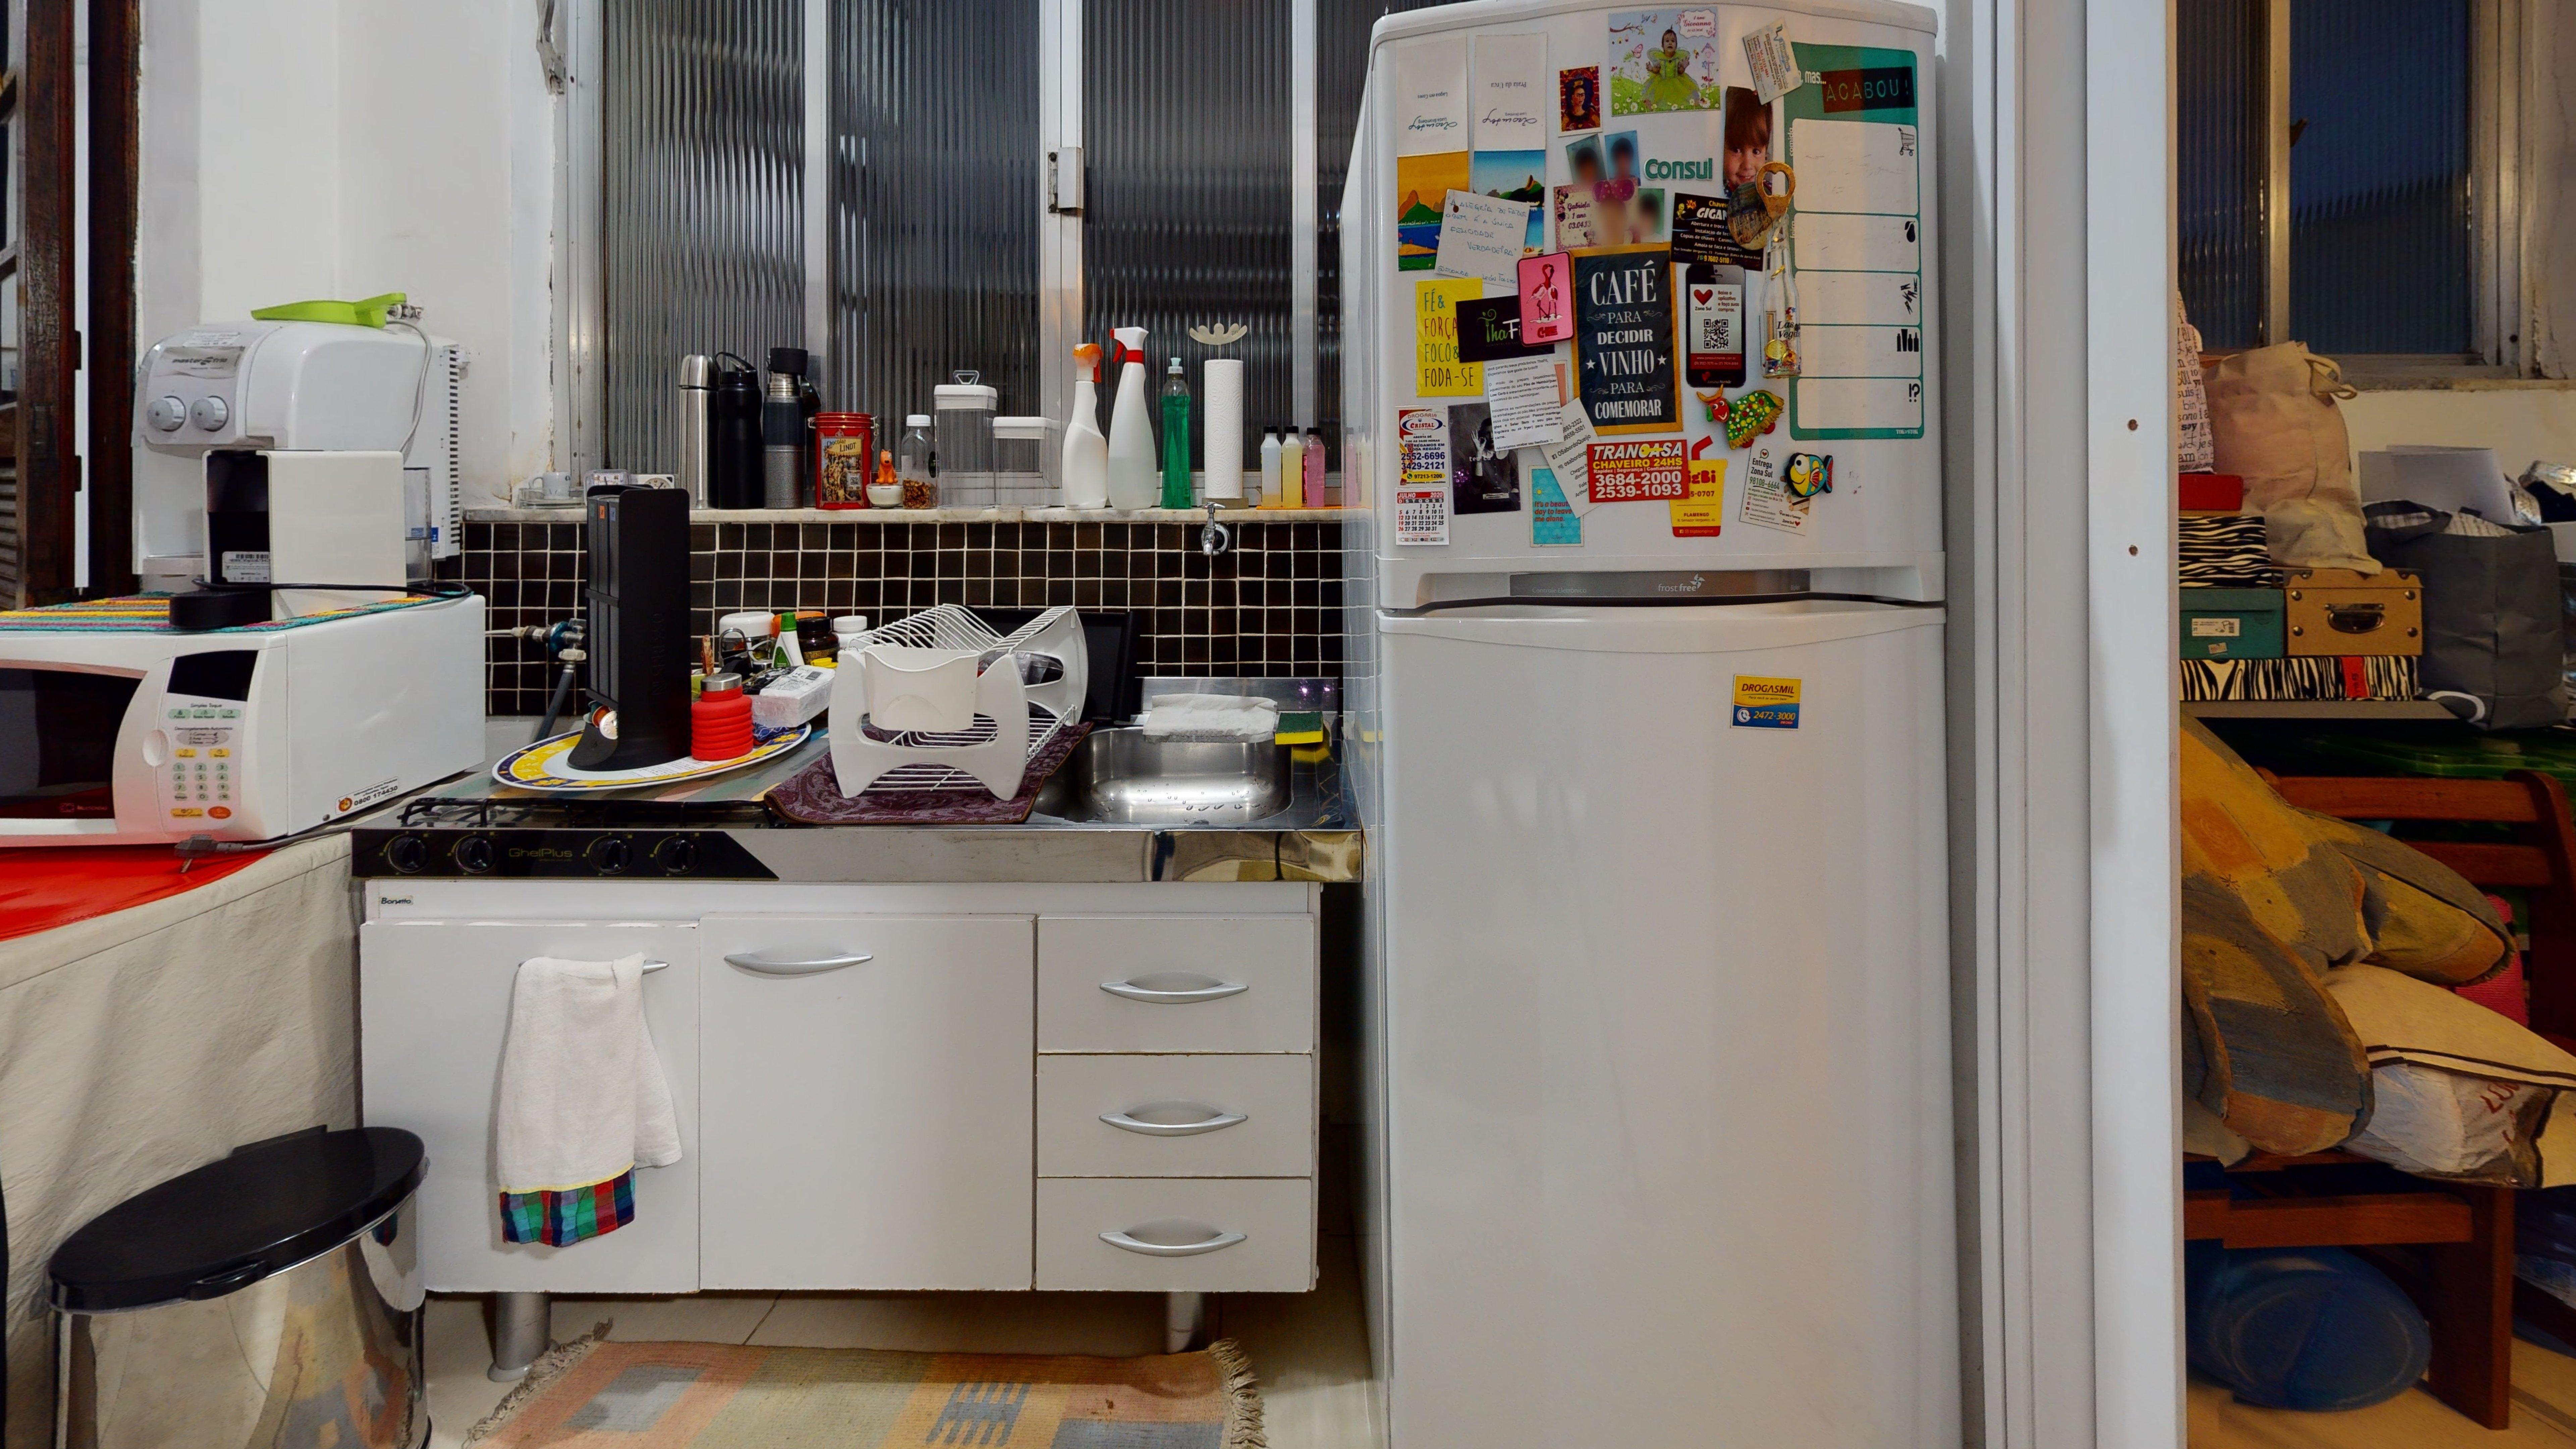 Foto de Lavanderia com geladeira, microondas, garrafa